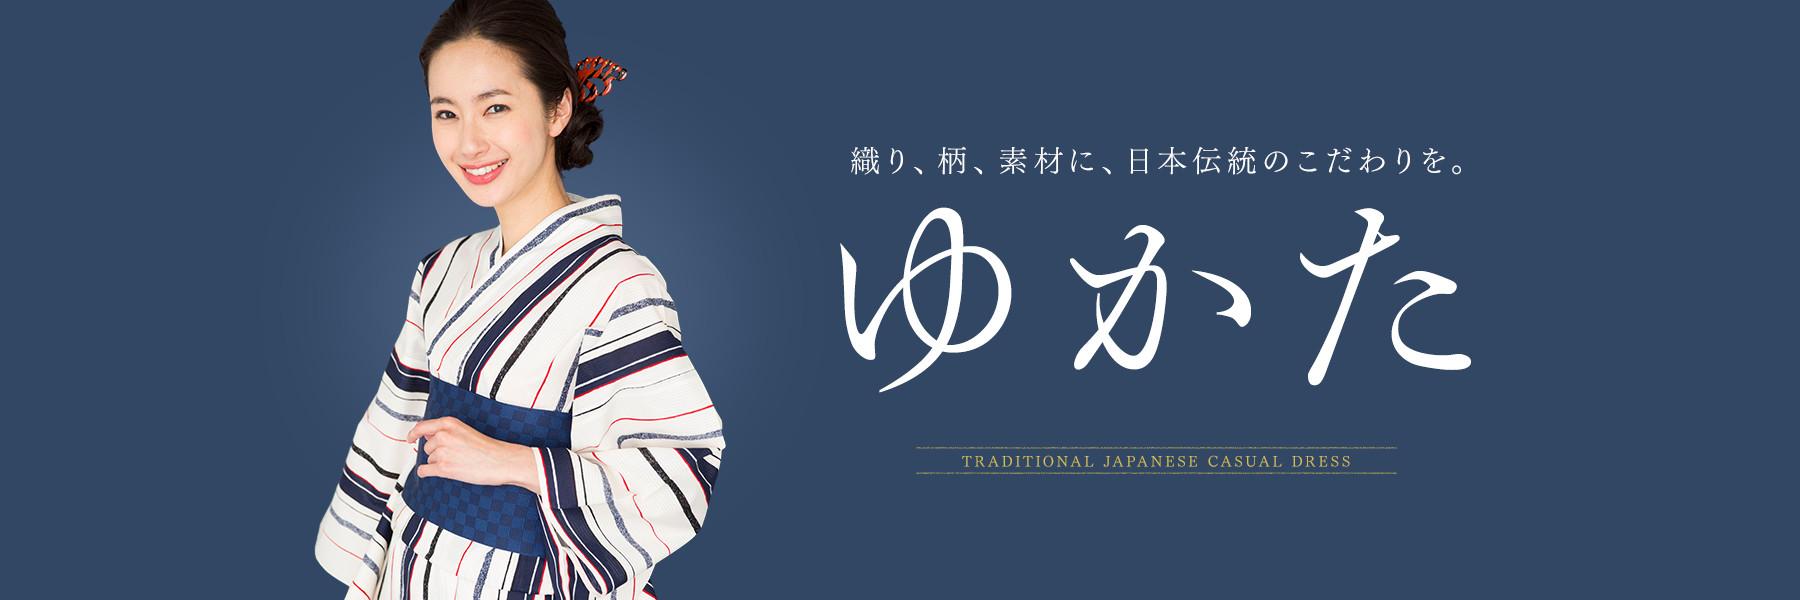 ユニクロ 2016年発売 日本伝統の柄 レトロ